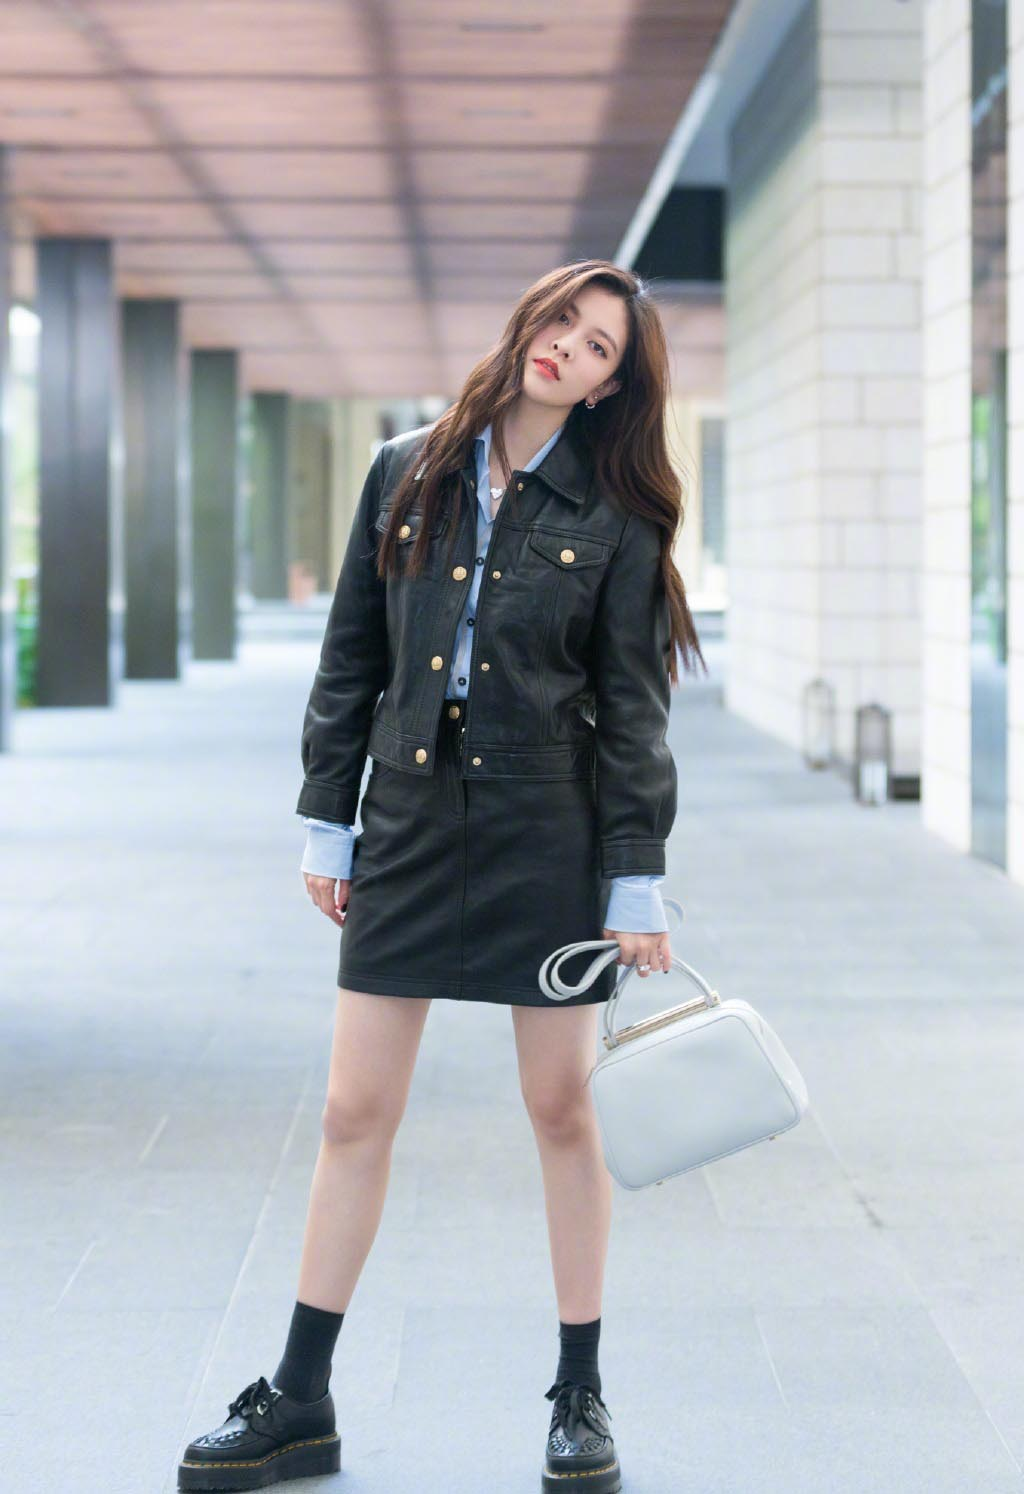 宋妍霏皮衣酷拍照,穿皮衣的CC还是很帅的,不过包是真不错了